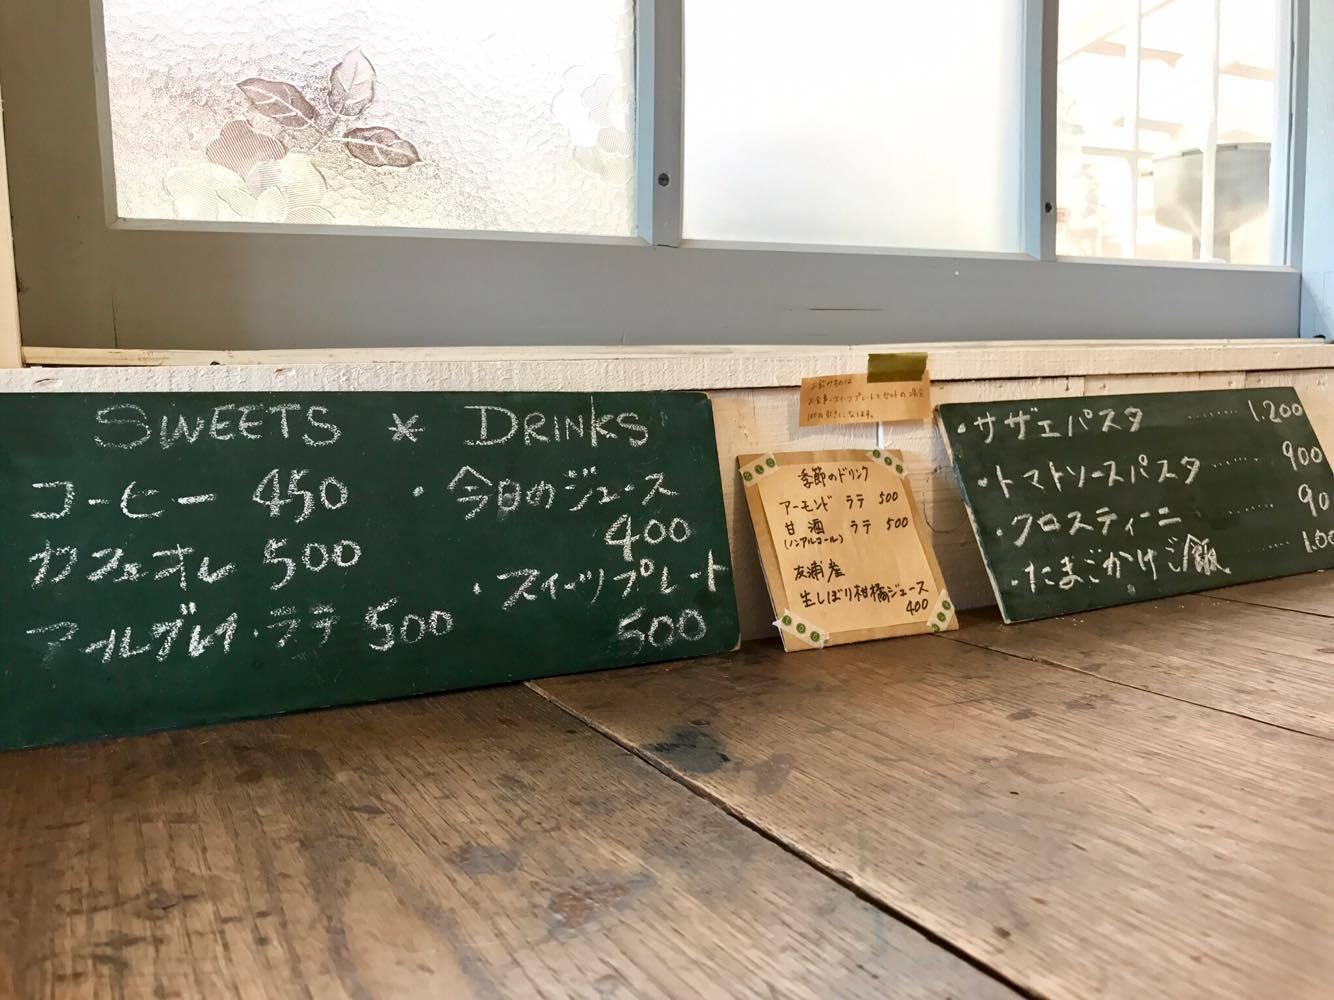 まるでカナダの田園風景!?しまなみ街道・大島にあるかわいいカフェ「友浦サイト」に行ってきました!